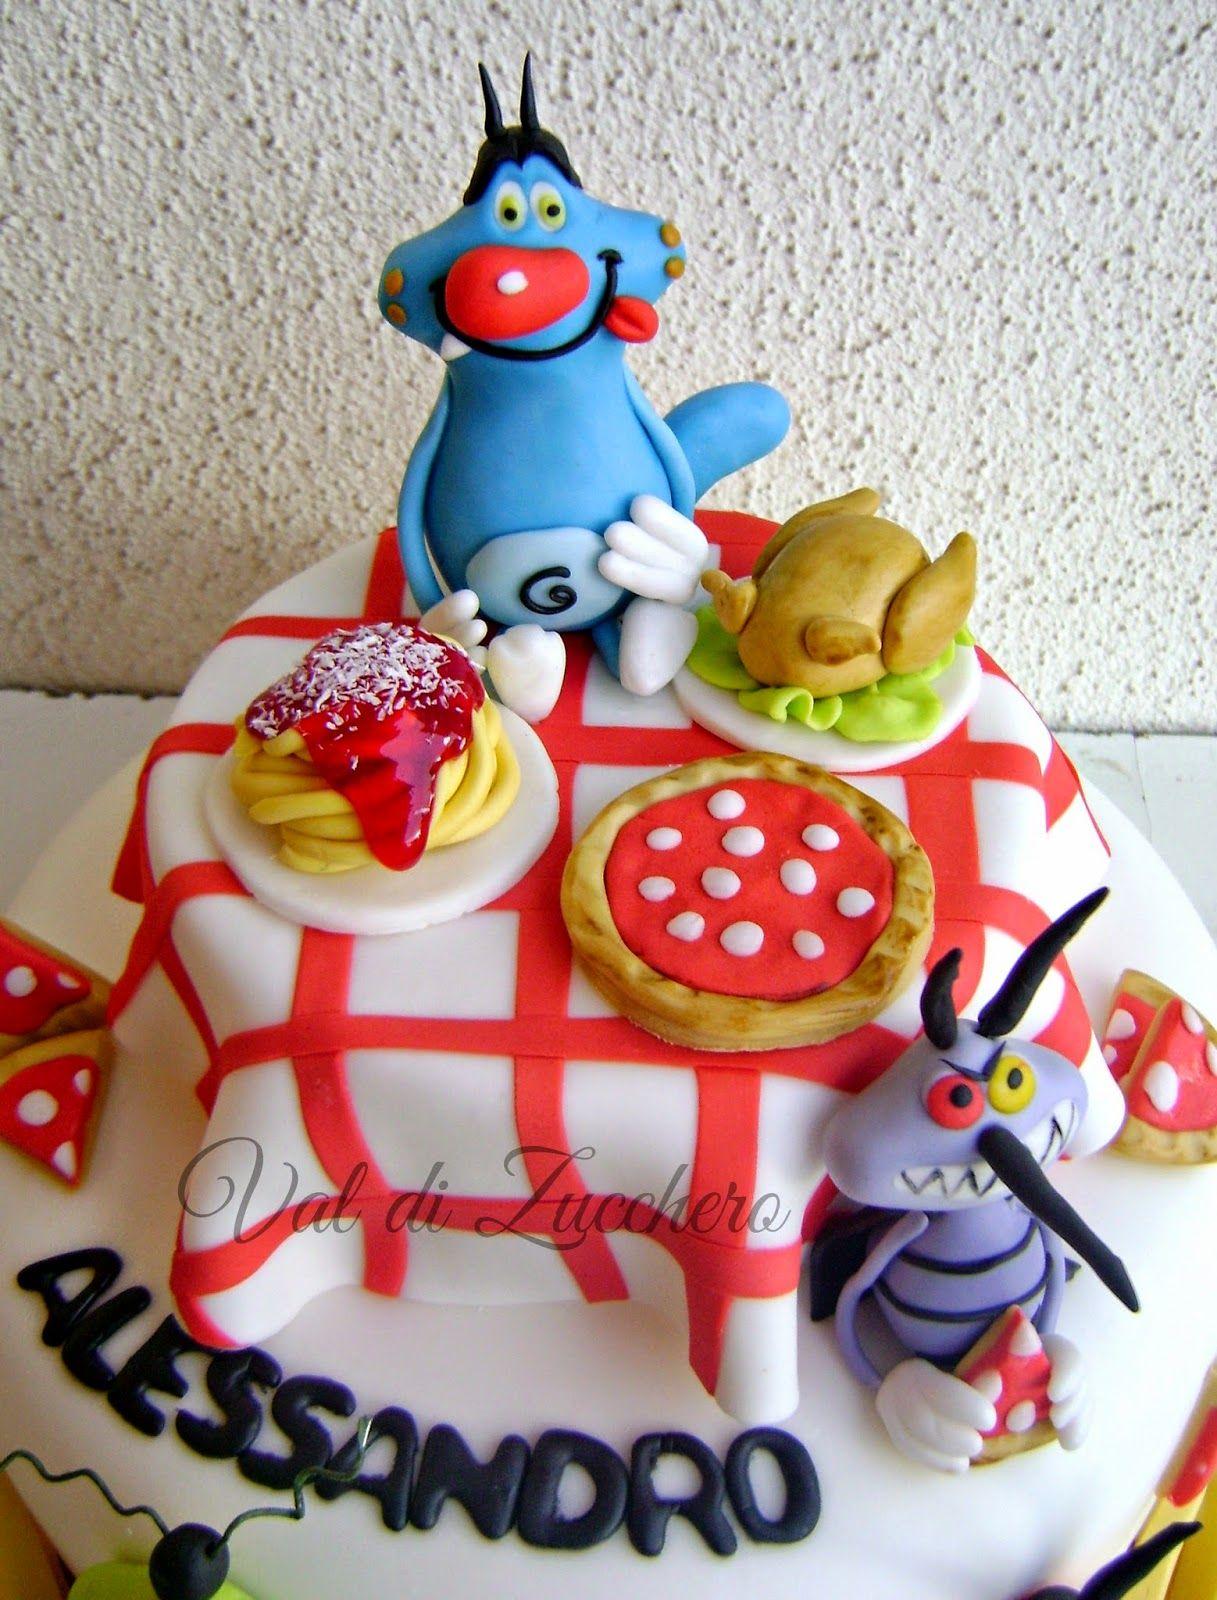 Torta Compleanno Oggy E I Maledetti Scarafaggi.Oggy E I Maledetti Scarafaggi Cupcake Cakes Cakes For Boys Cake